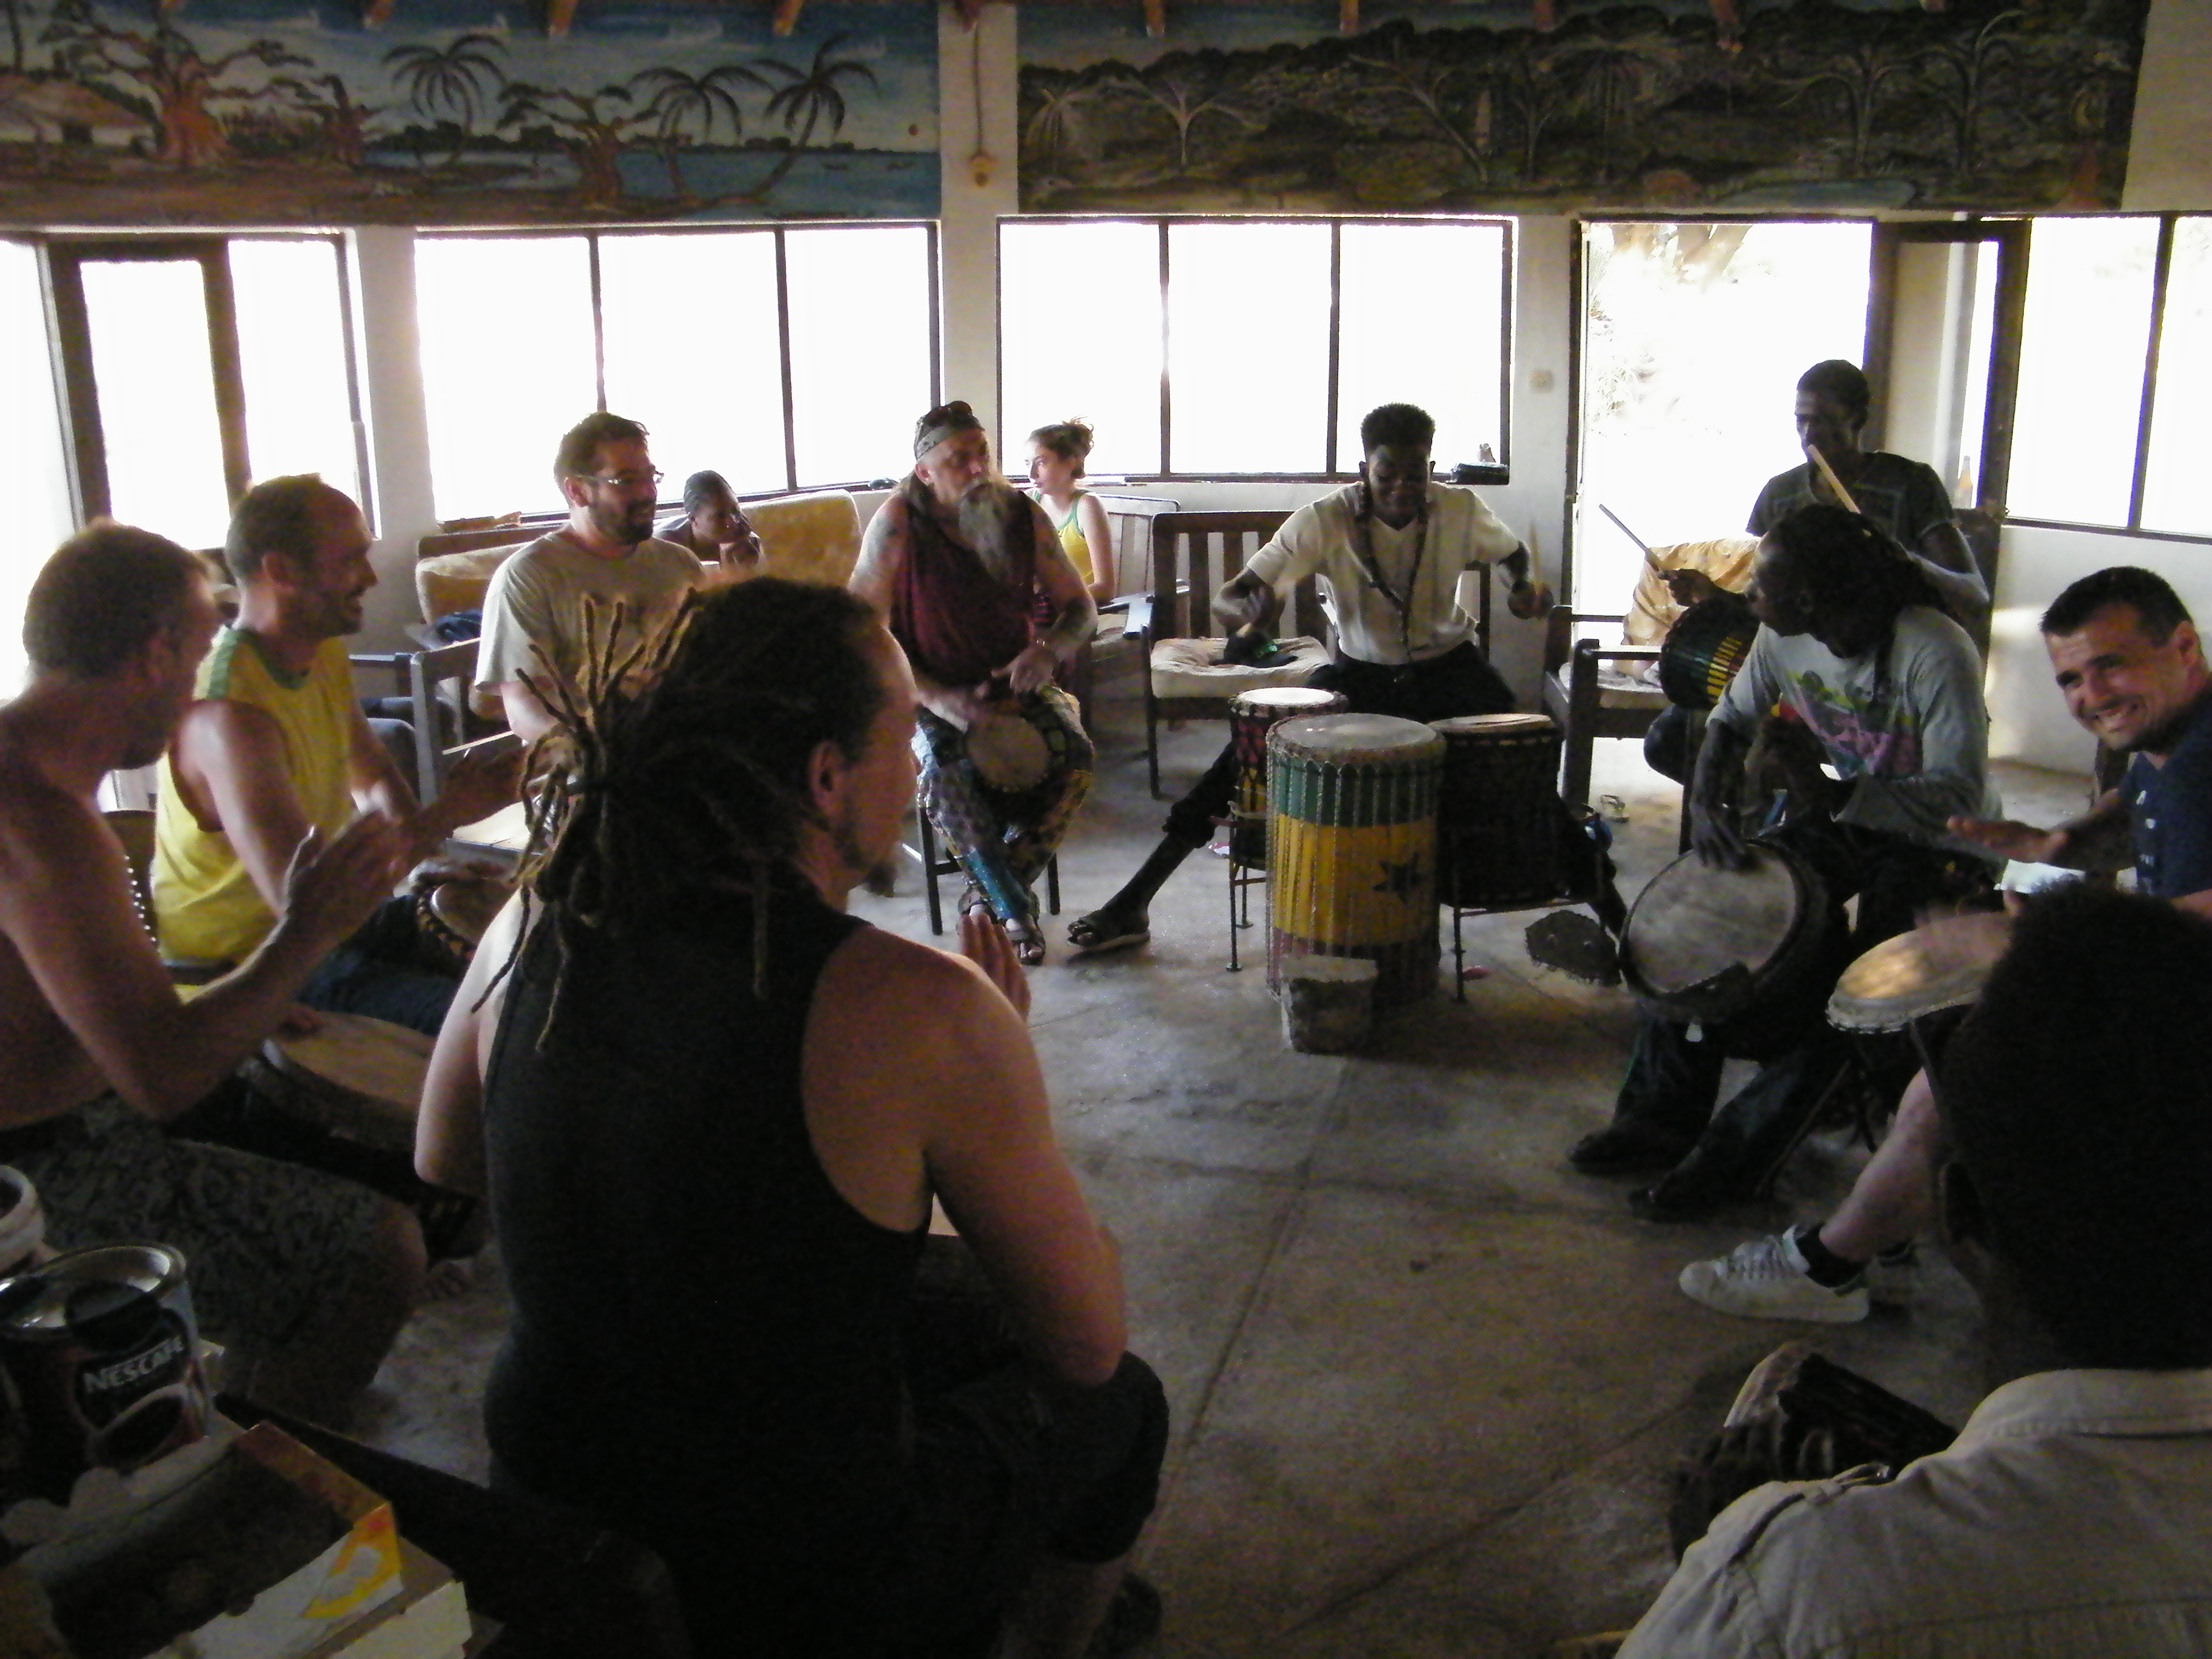 danse africaine lyon sabar djembé